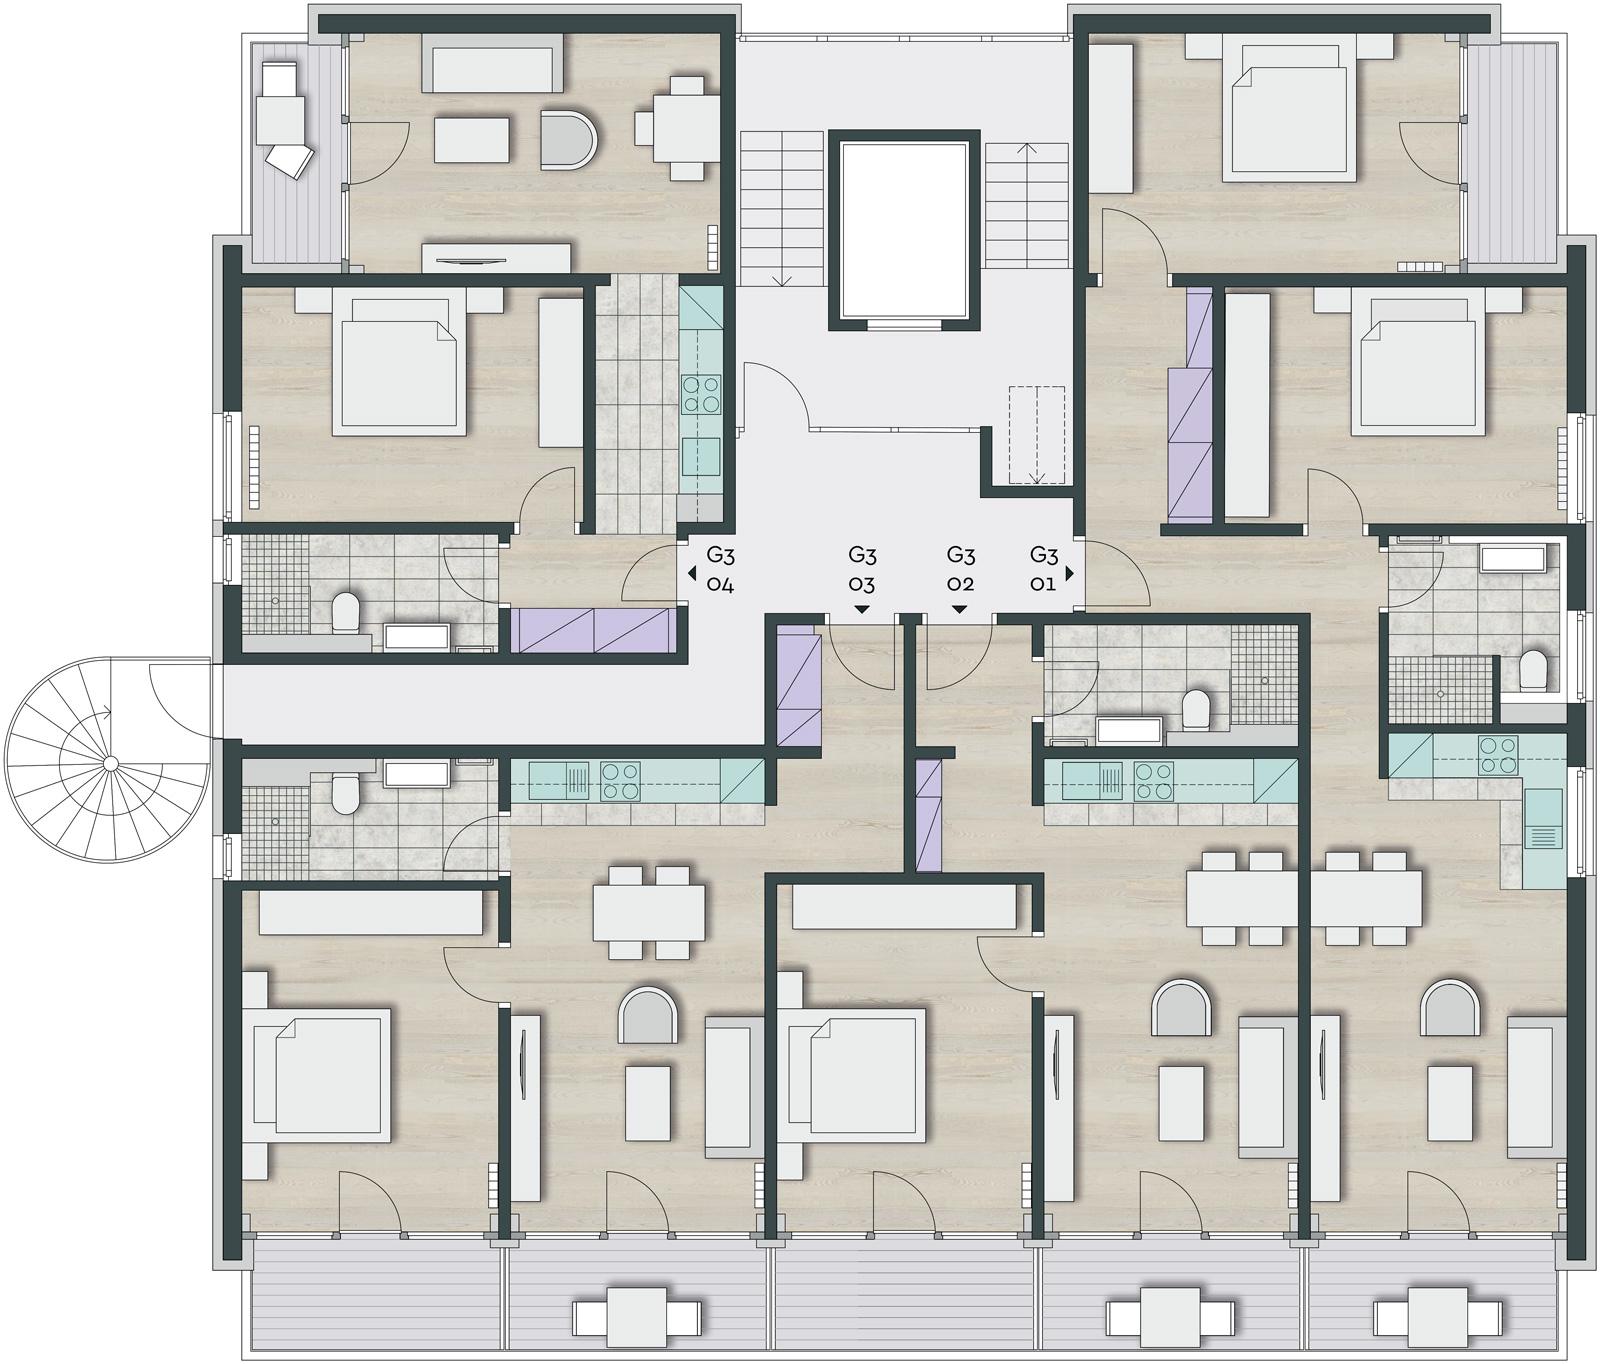 parkblick 1 wohnen f r senioren in bad schwalbach. Black Bedroom Furniture Sets. Home Design Ideas